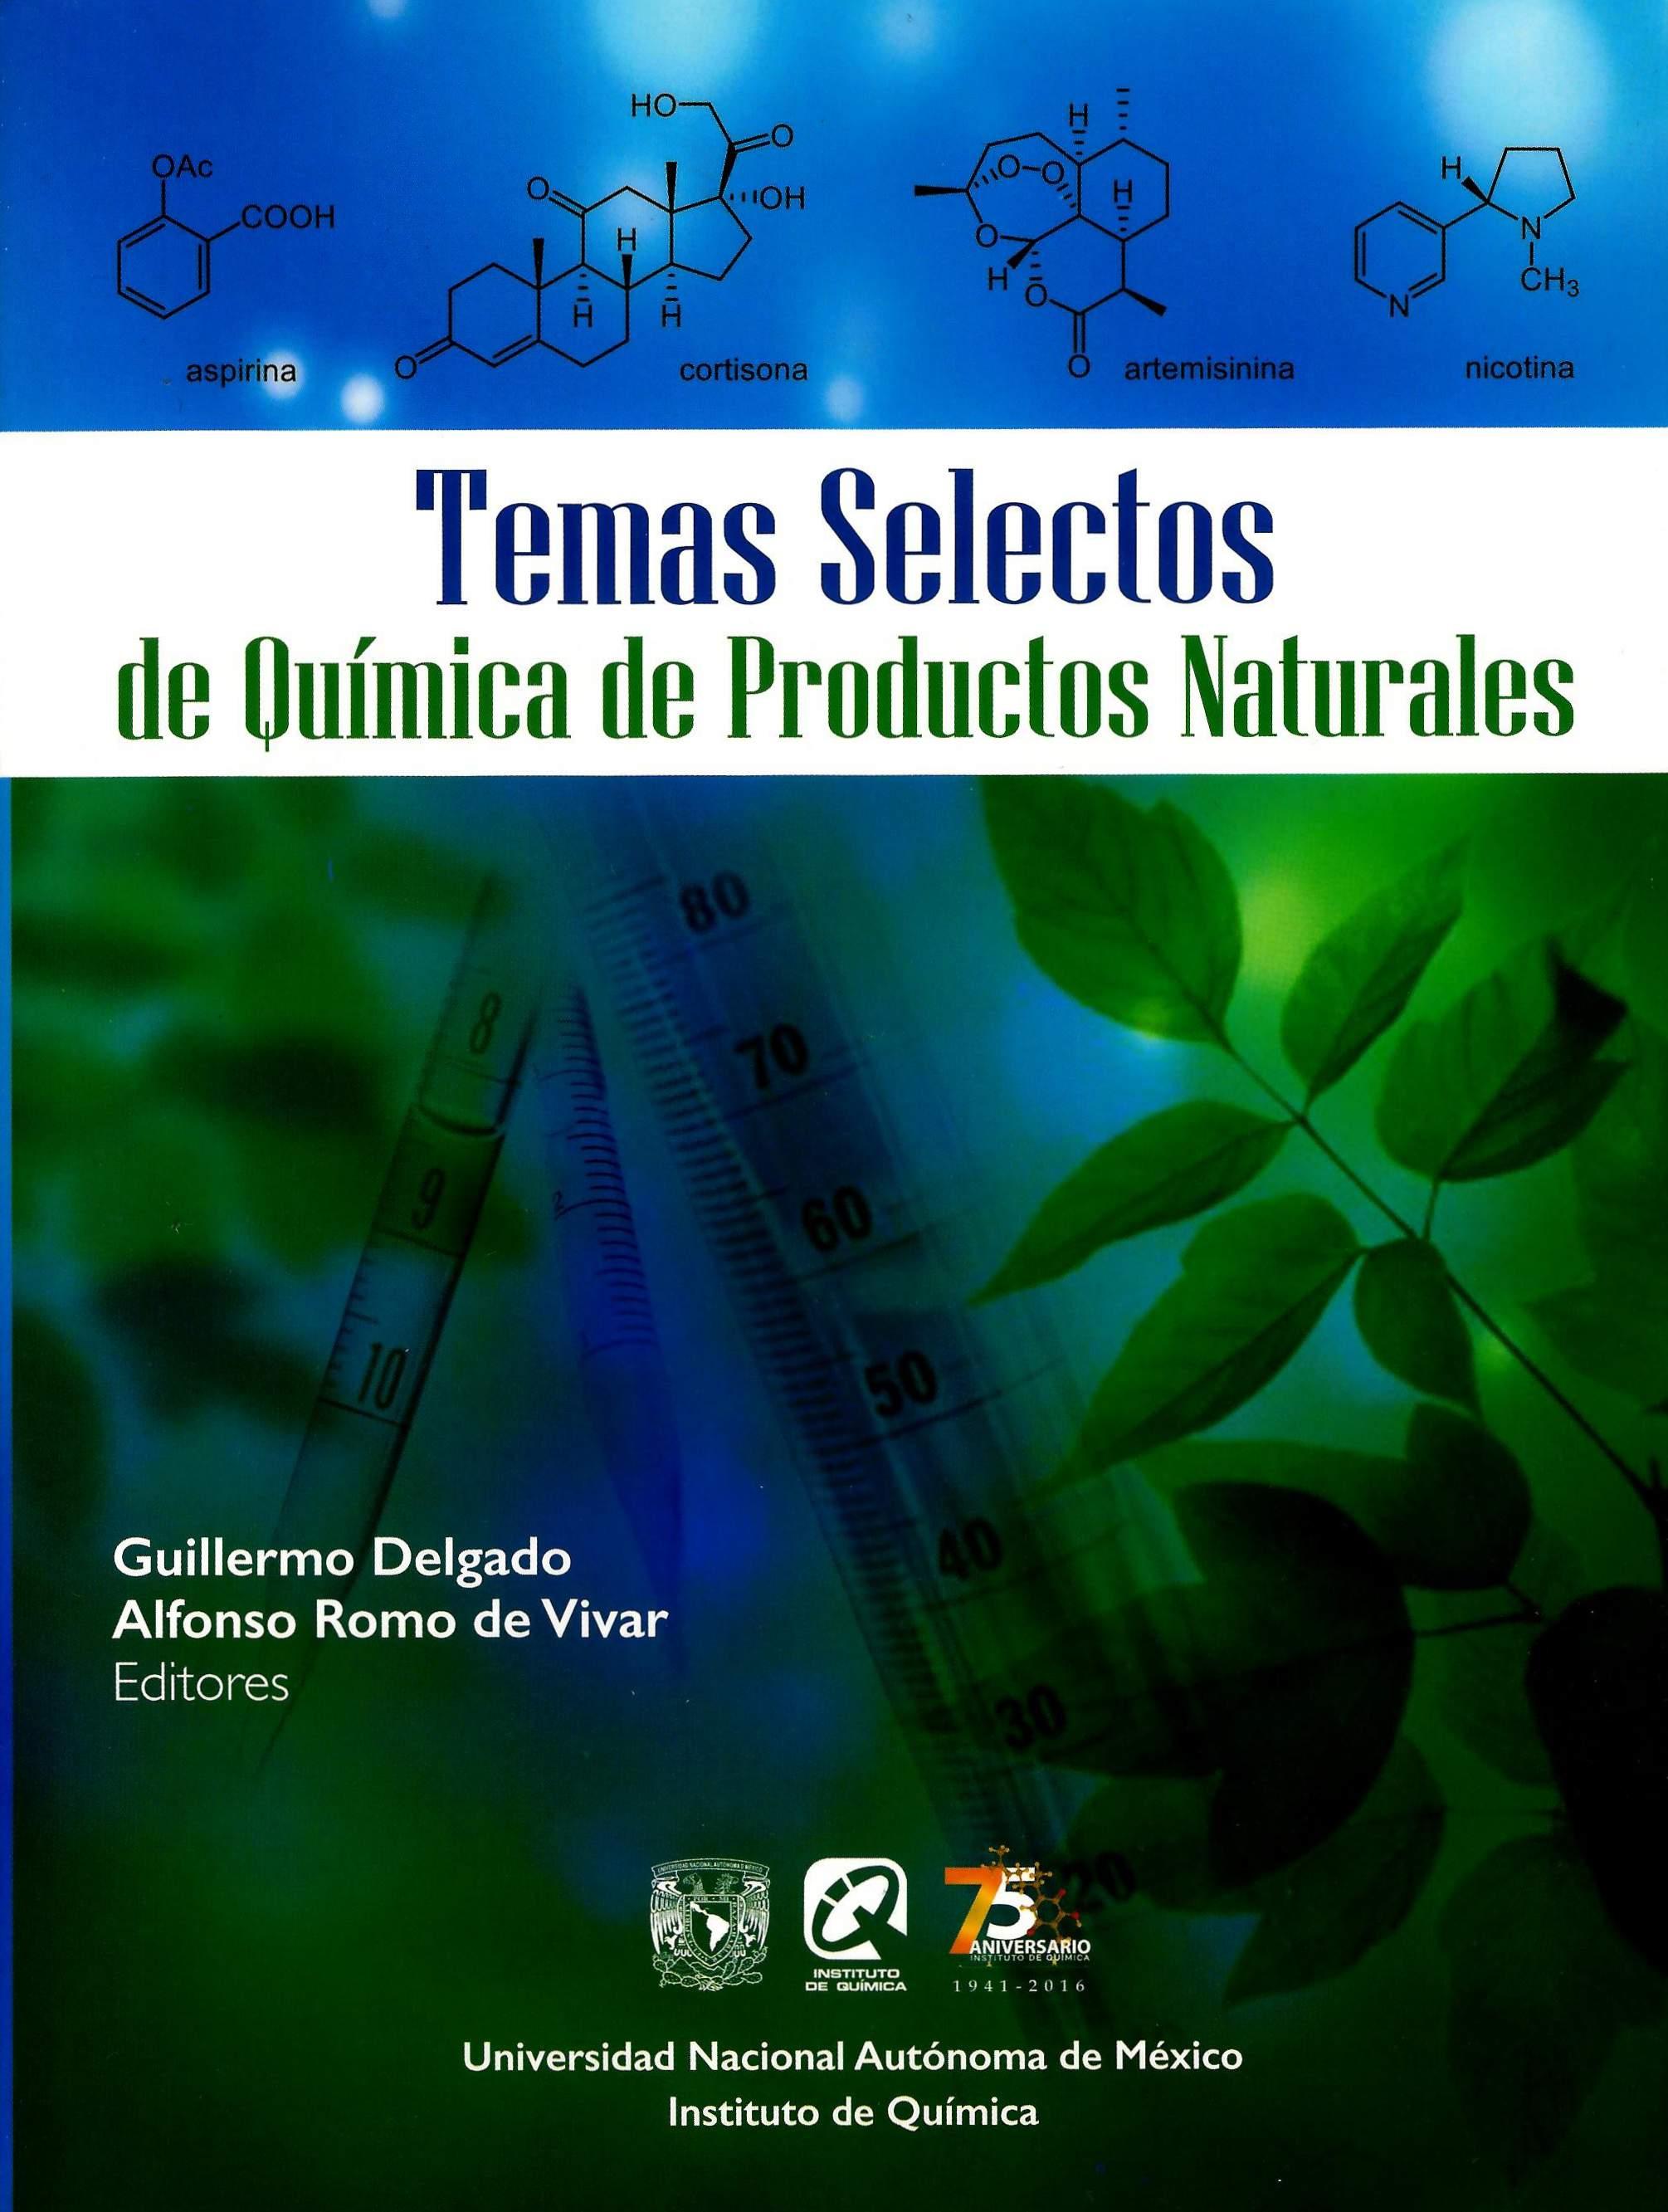 Temas selectos de química de productos naturales